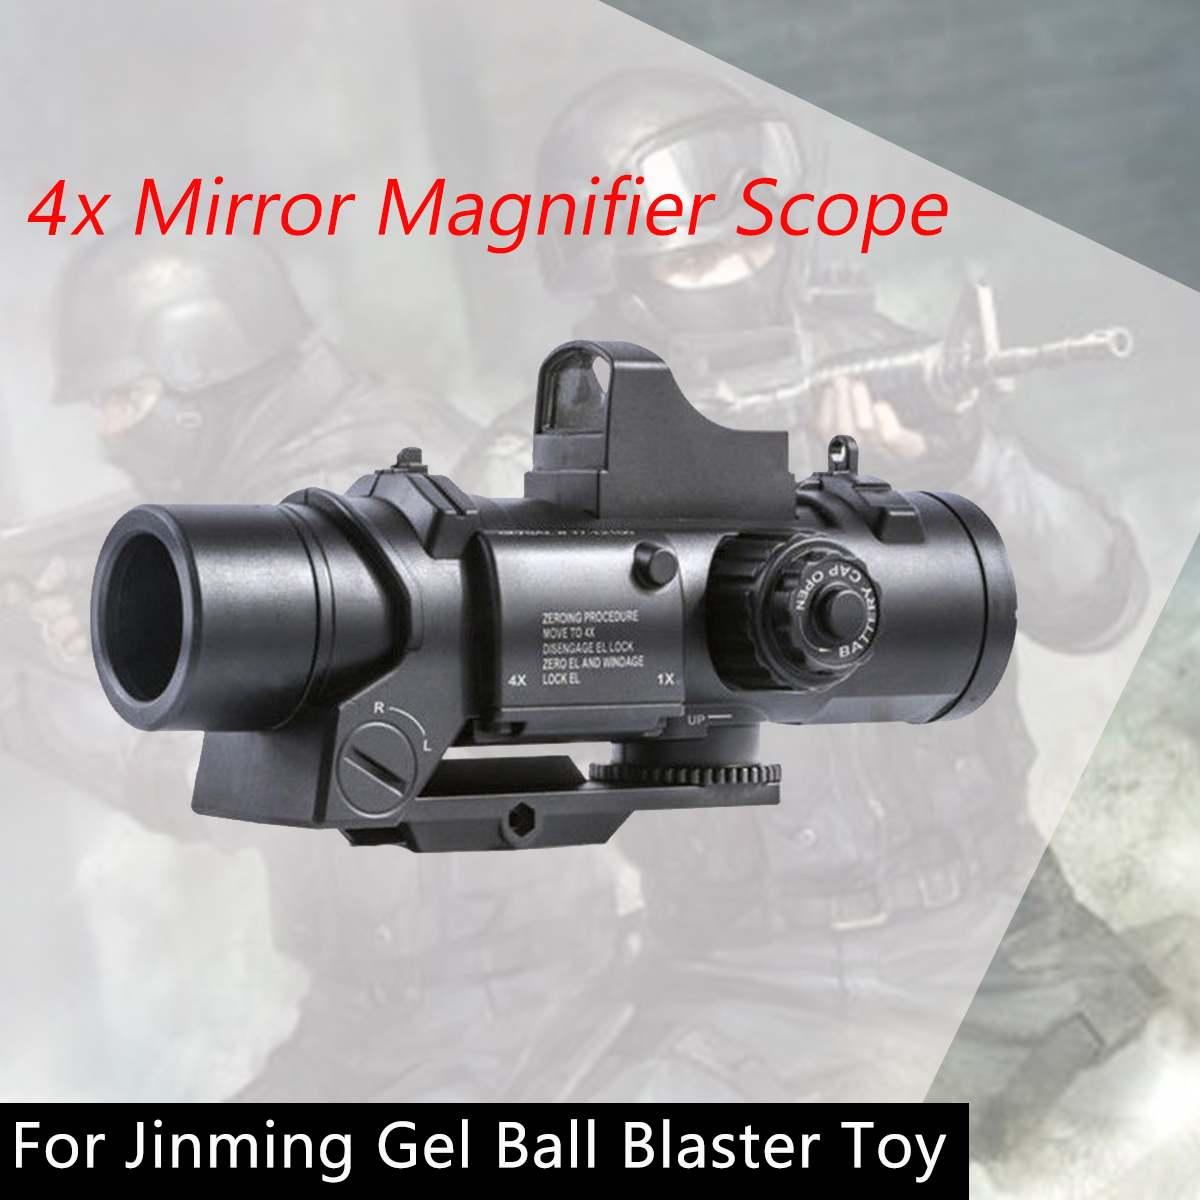 4x espelho lupa scope com ponto vermelho vistas para jinming gel bola de água brinquedo 4x vista para gel bola brinquedo